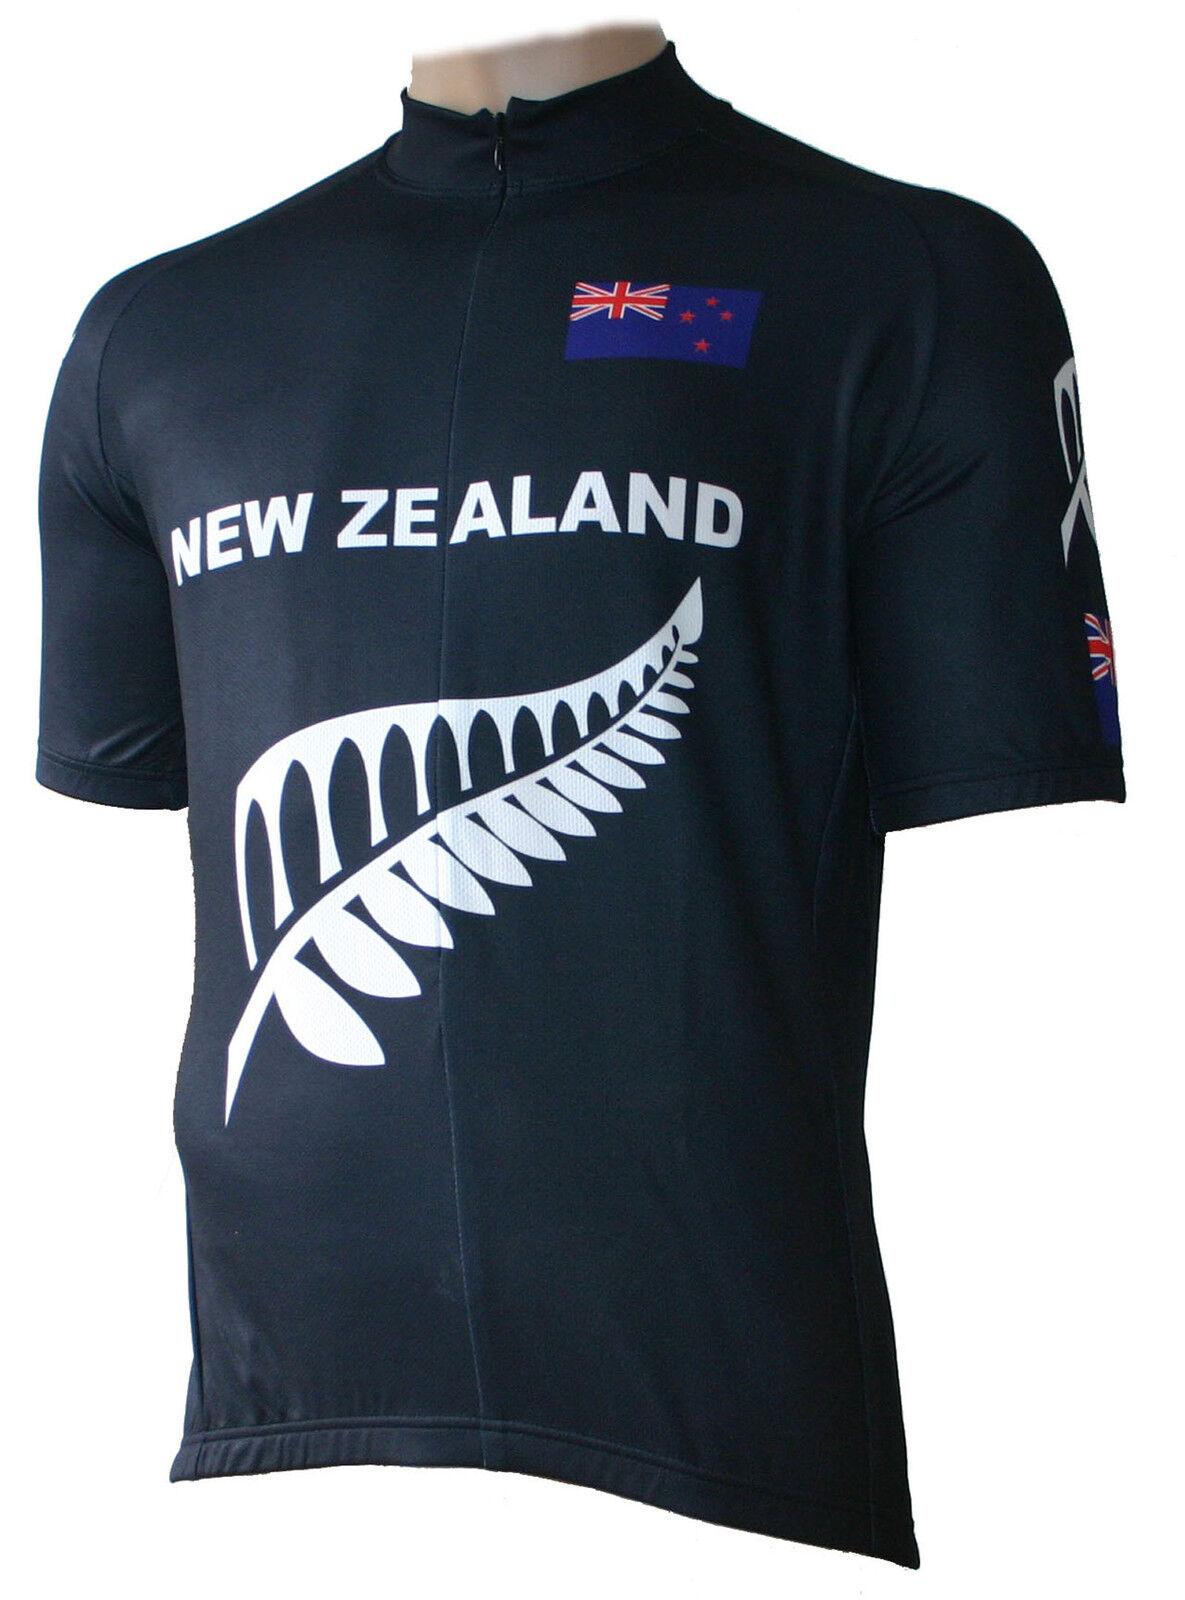 Radtrikot New Zealand black kurzarm (auch Übergrößen bis 6XL)